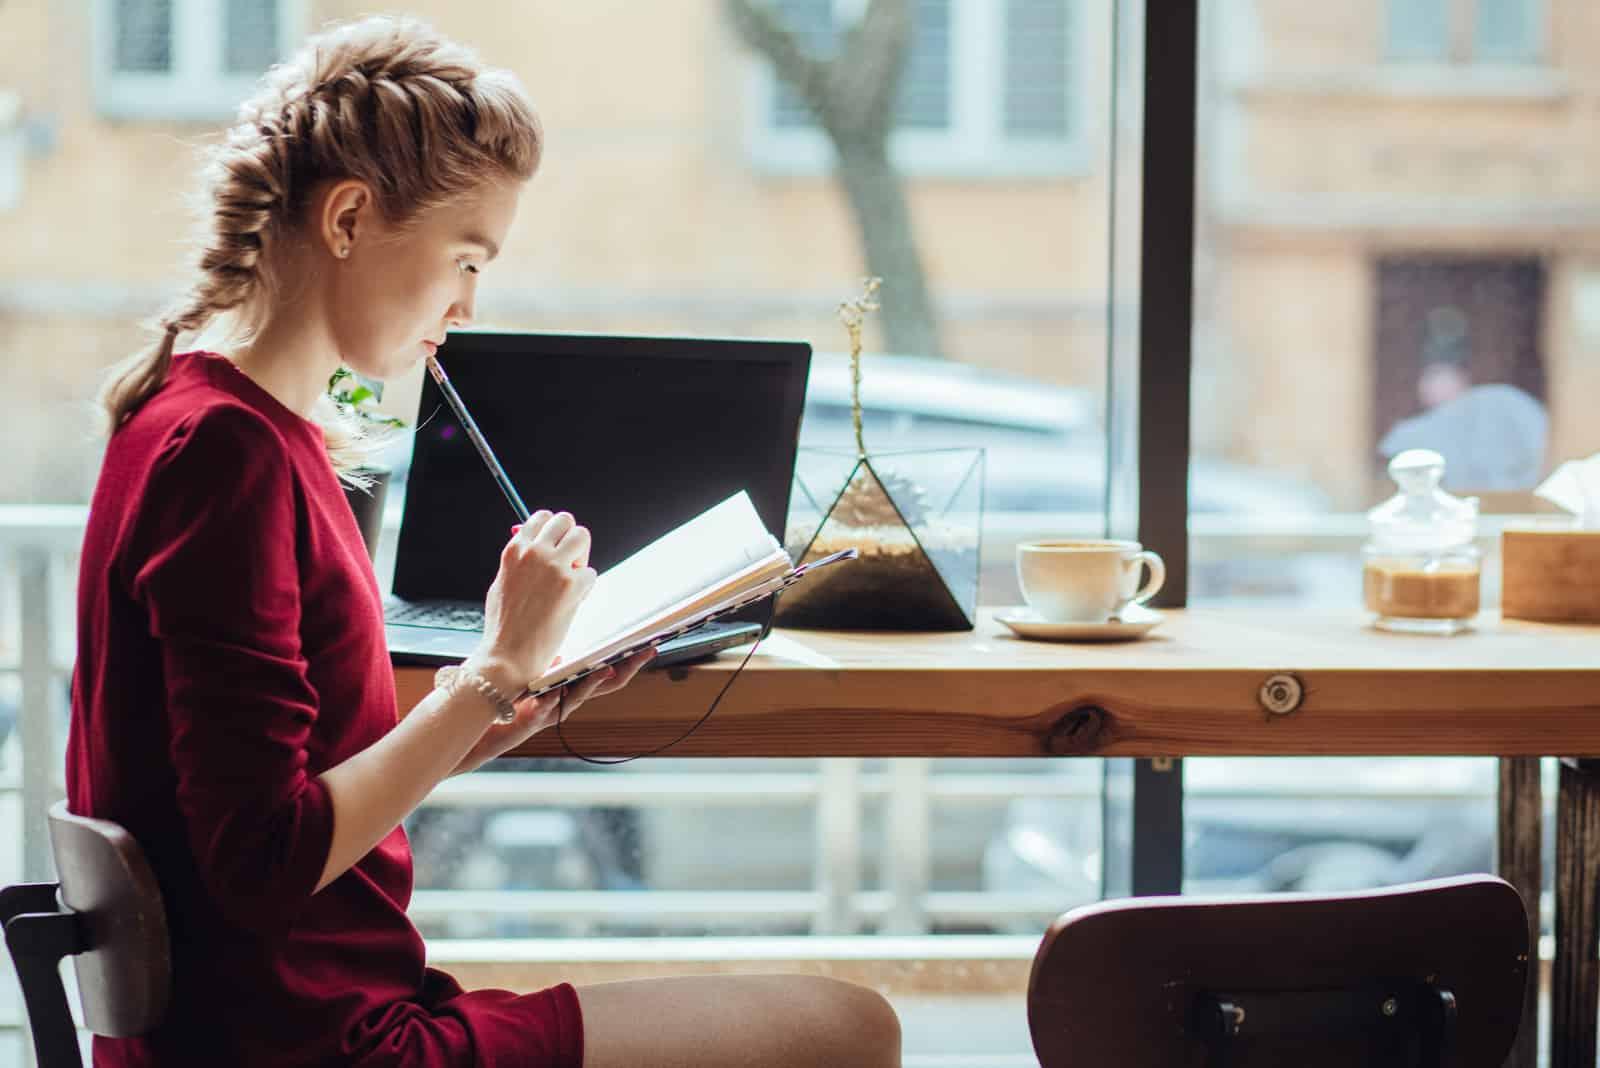 une femme est assise dans un café et écrit